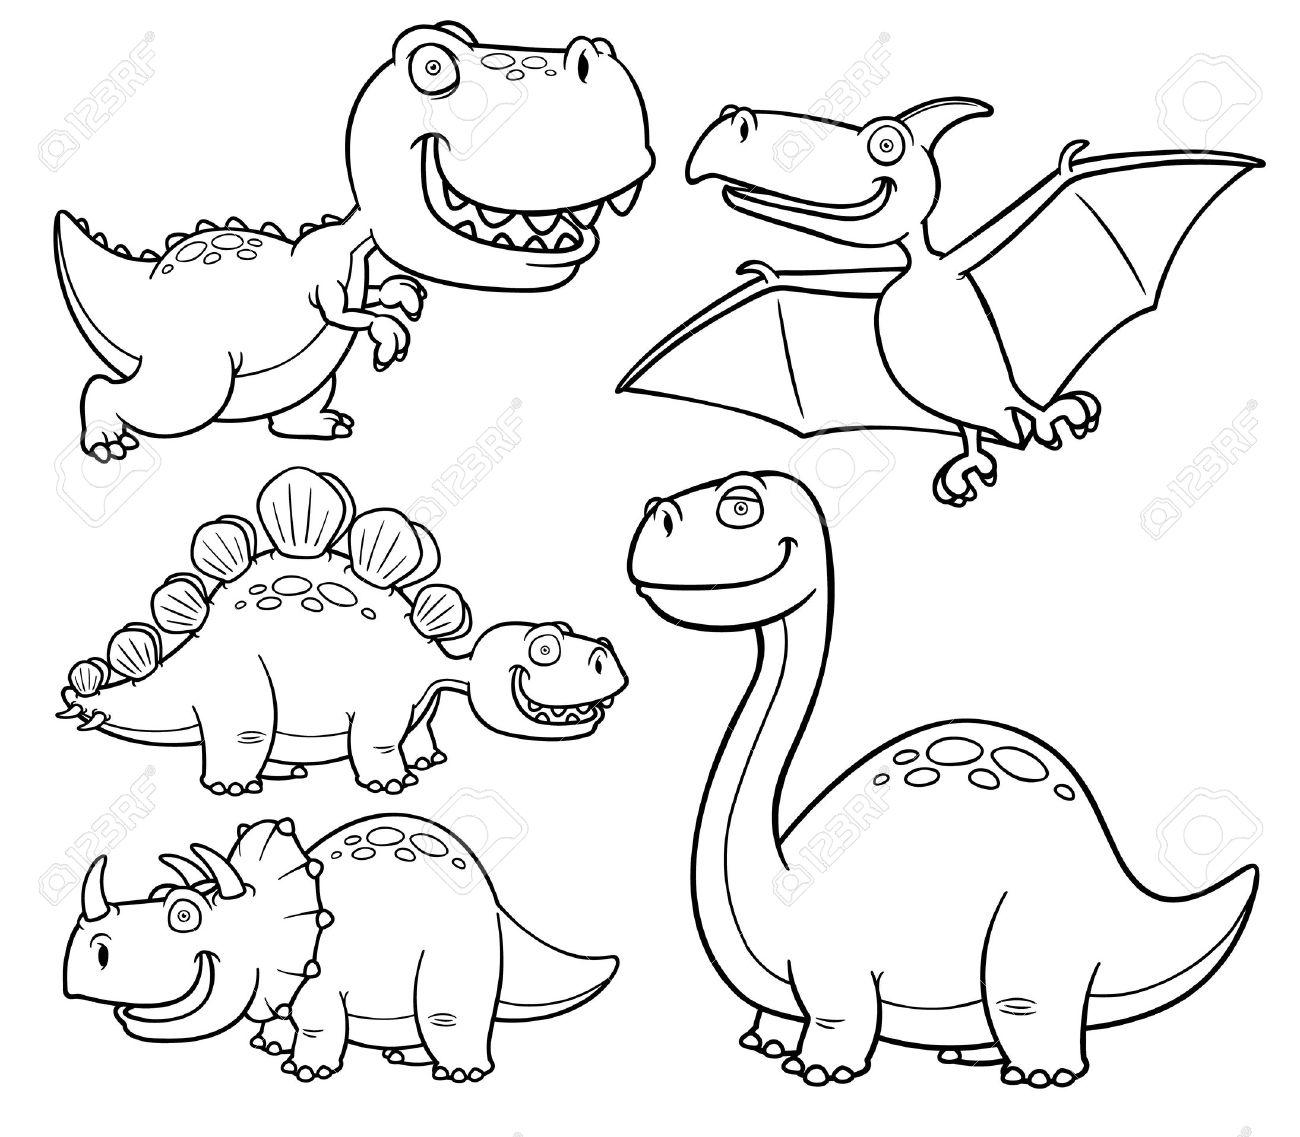 Ilustración Vectorial De Dinosaurios Personajes De Dibujos Animados ...